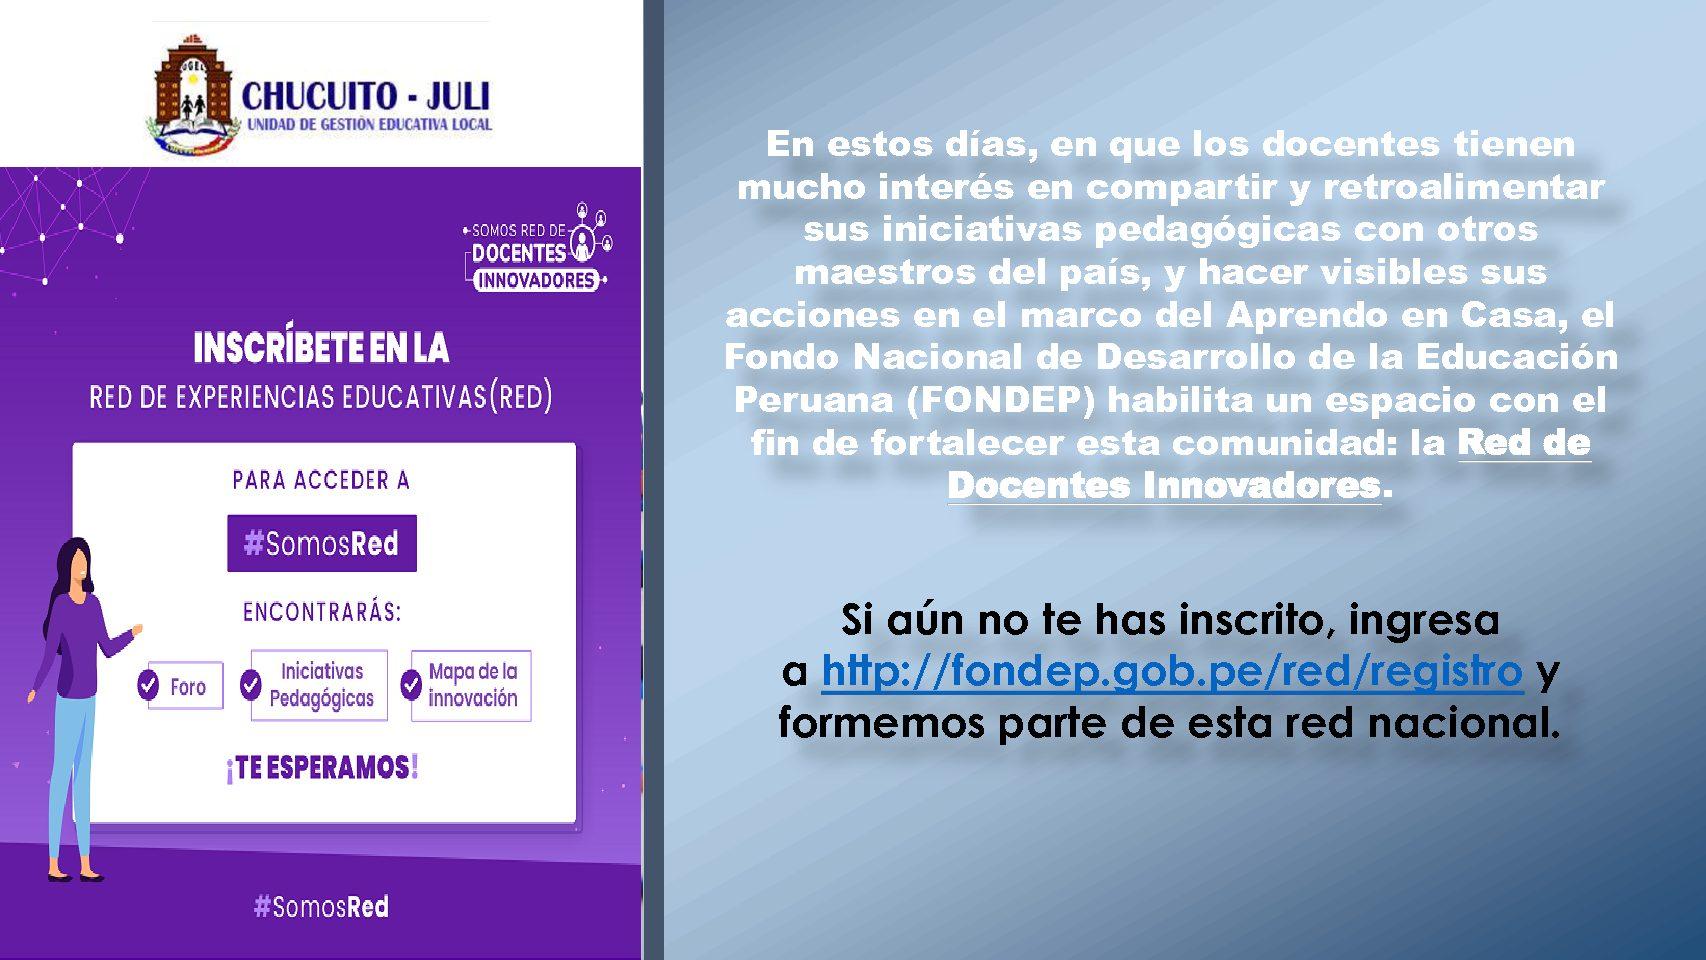 (FONDEP) HABILITA LA RED DE DOCENTES INNOVADORES